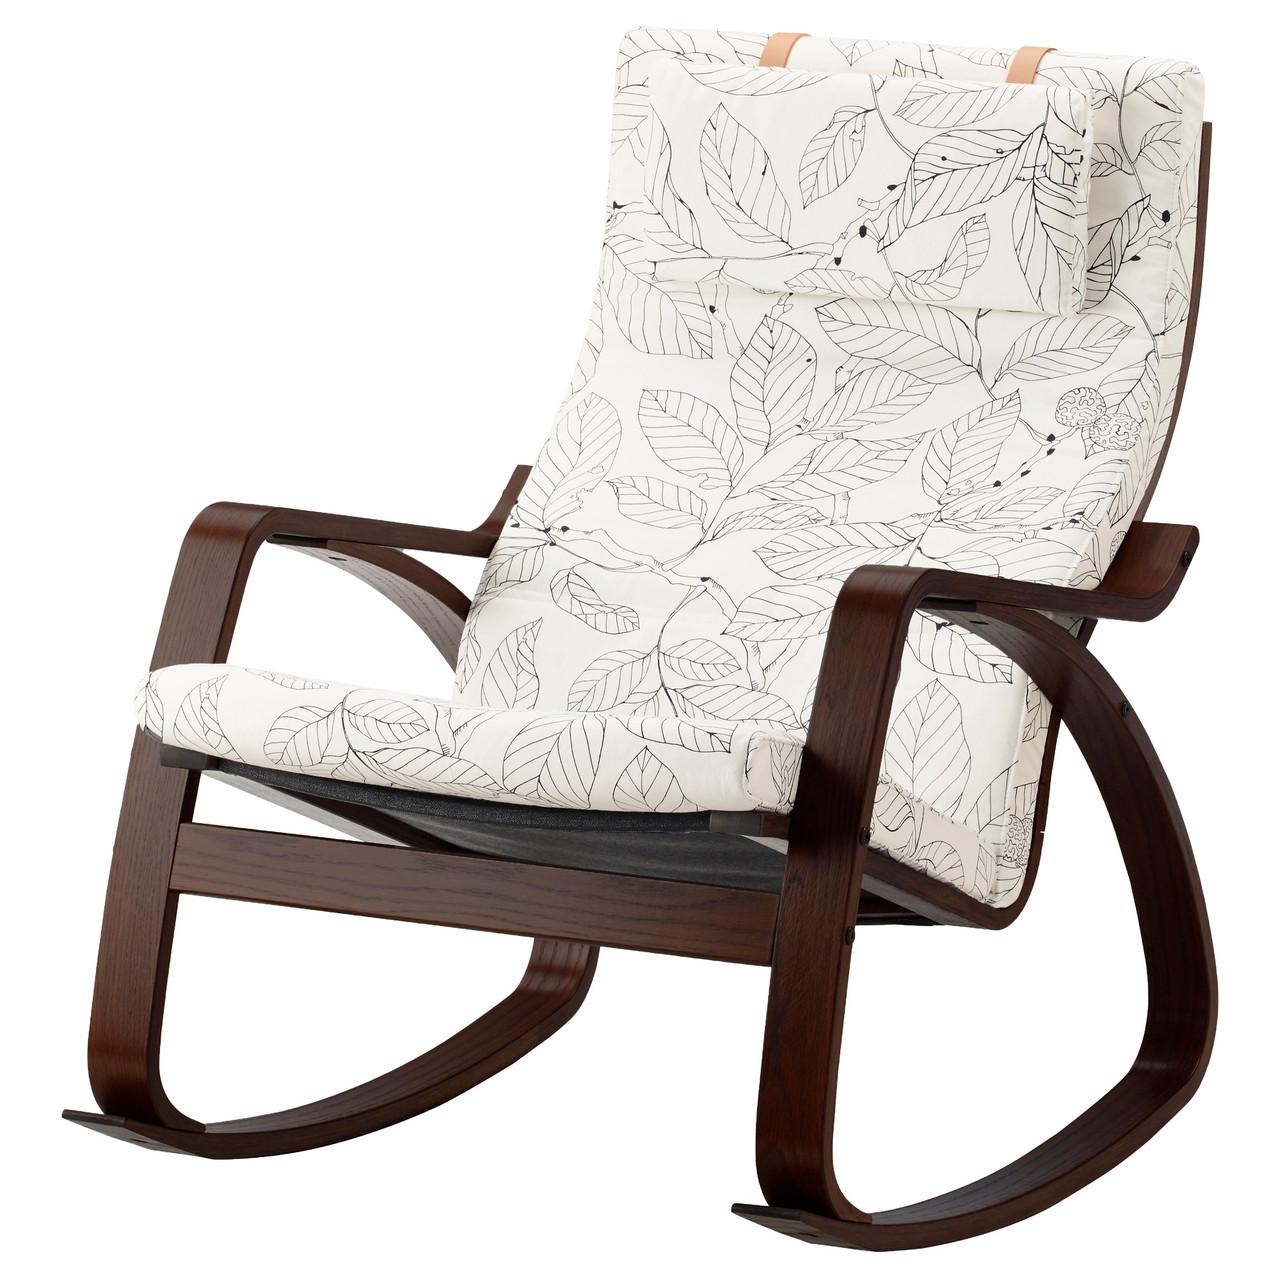 кресло качалка Ikea Poäng коричневый висланда черный белый 391 812 69 купить по лучшей цене в киеве от компании Dom Ikea интернет магазин мебели